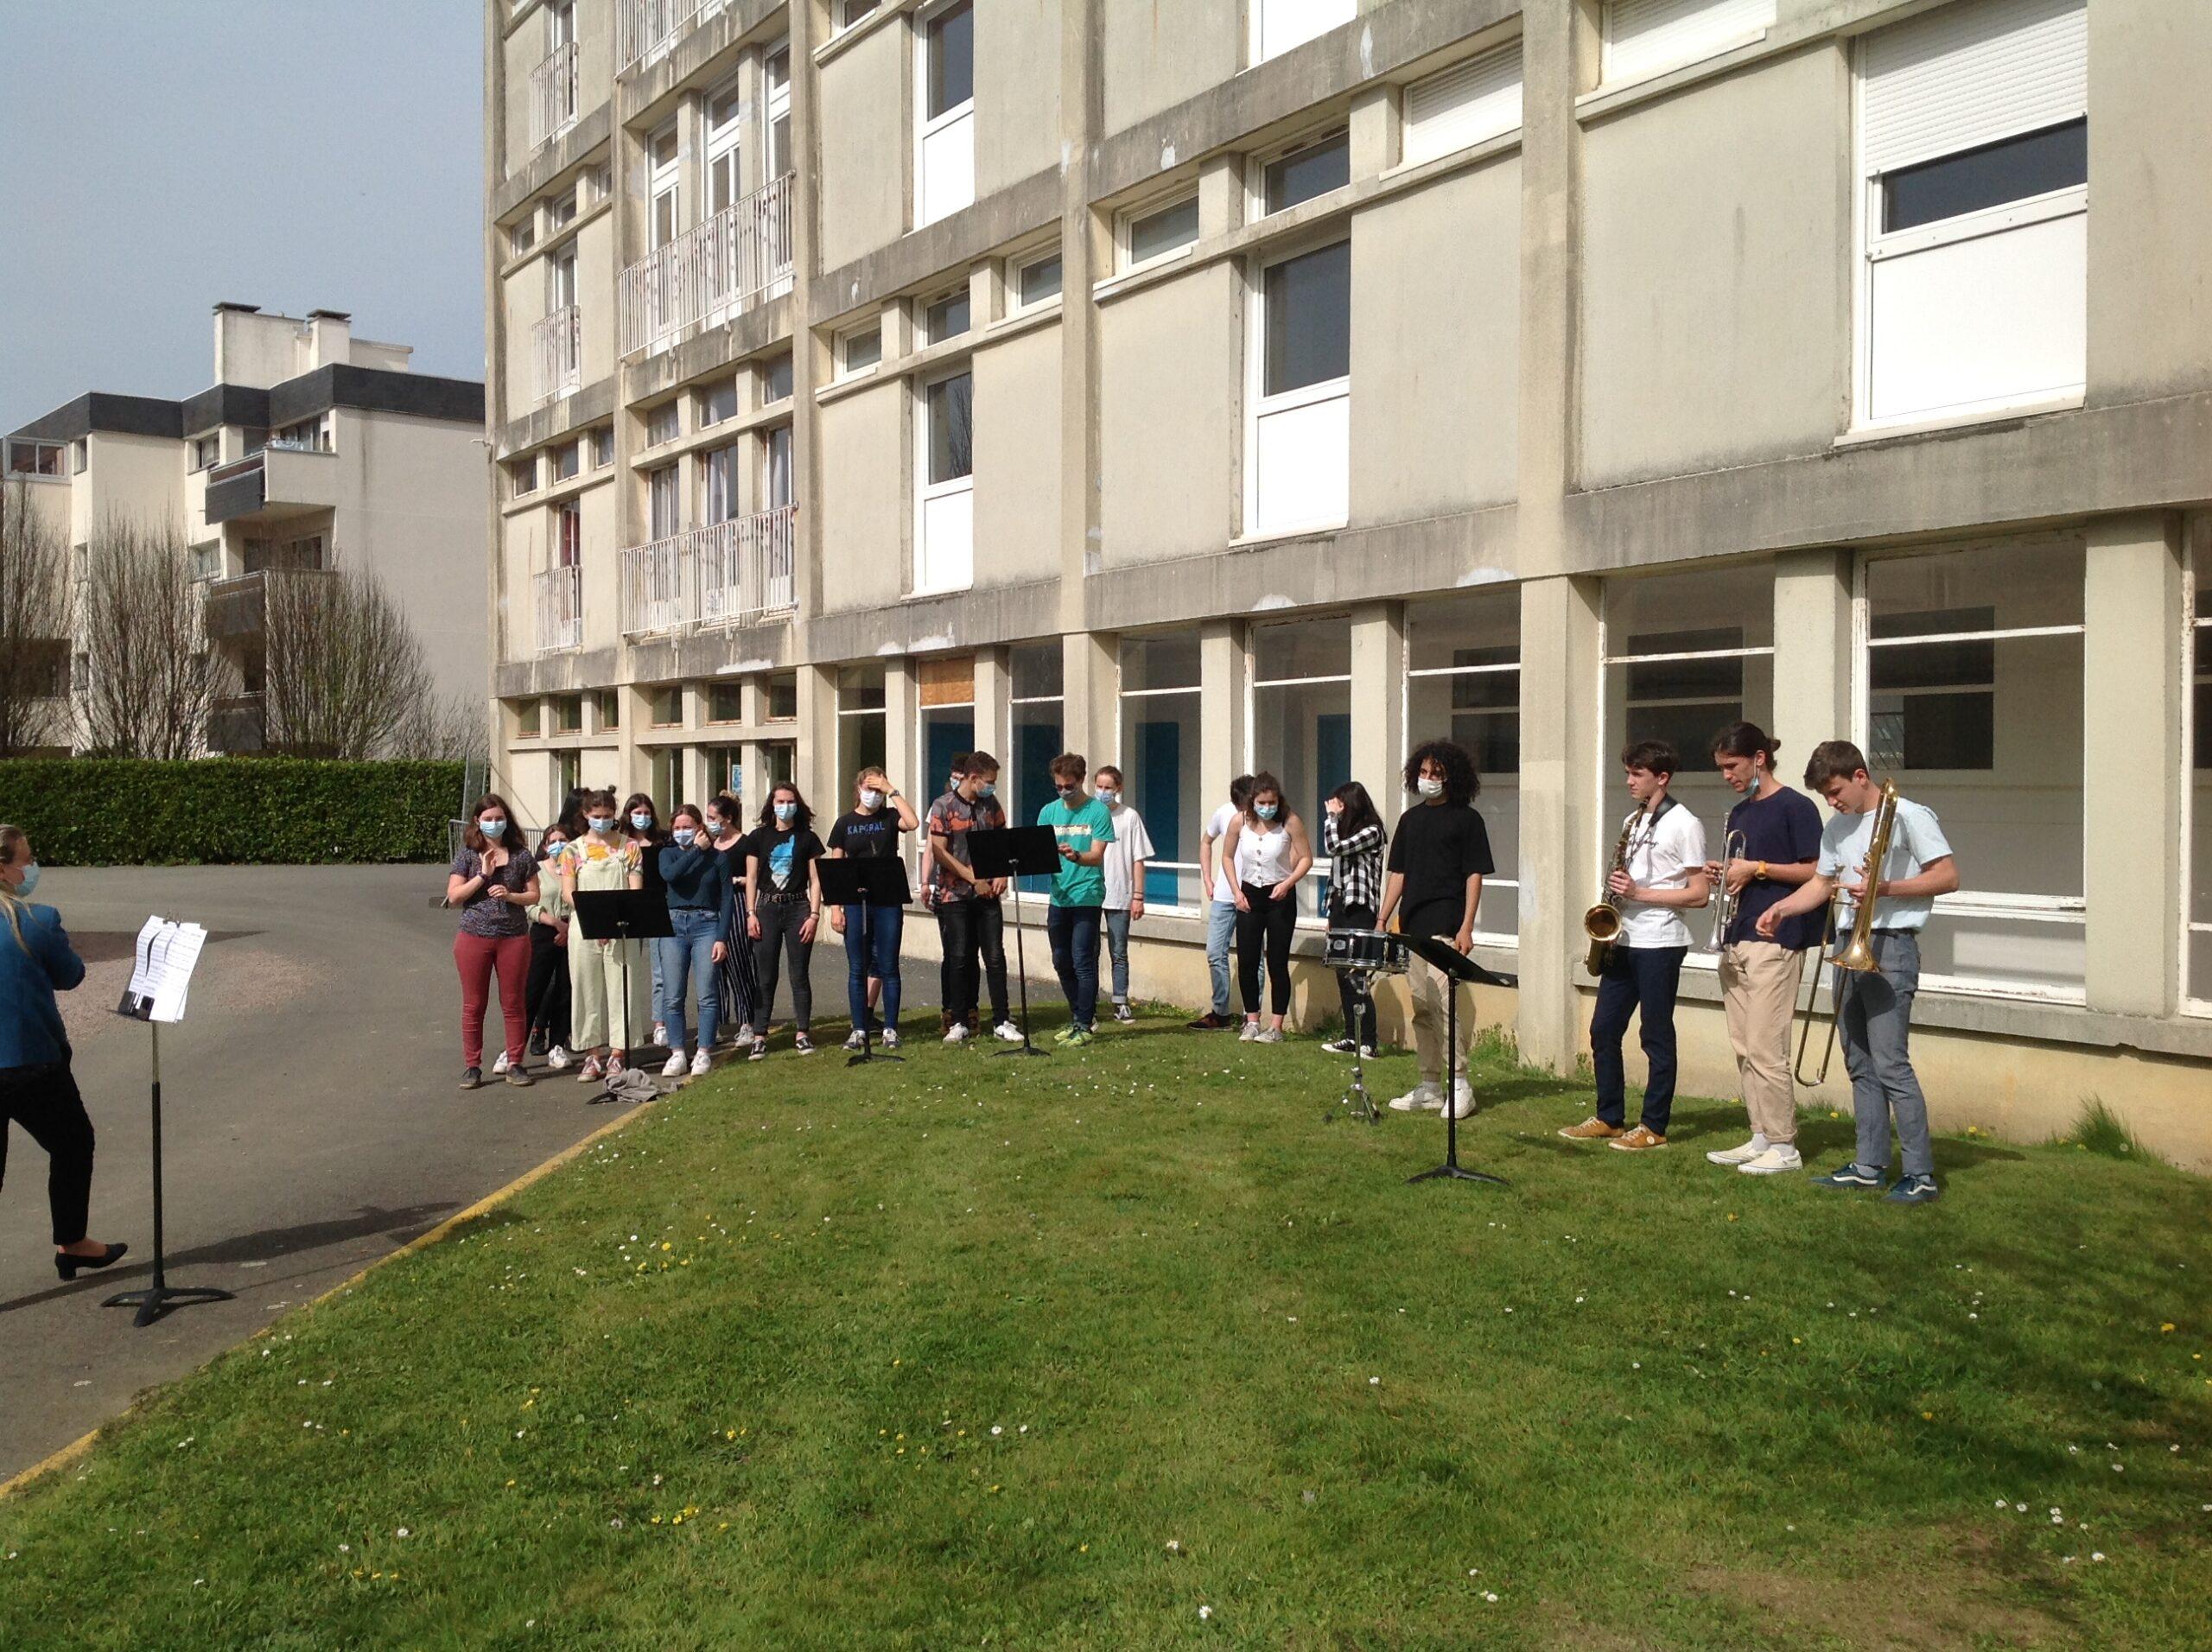 Pratique collective dehors au soleil !